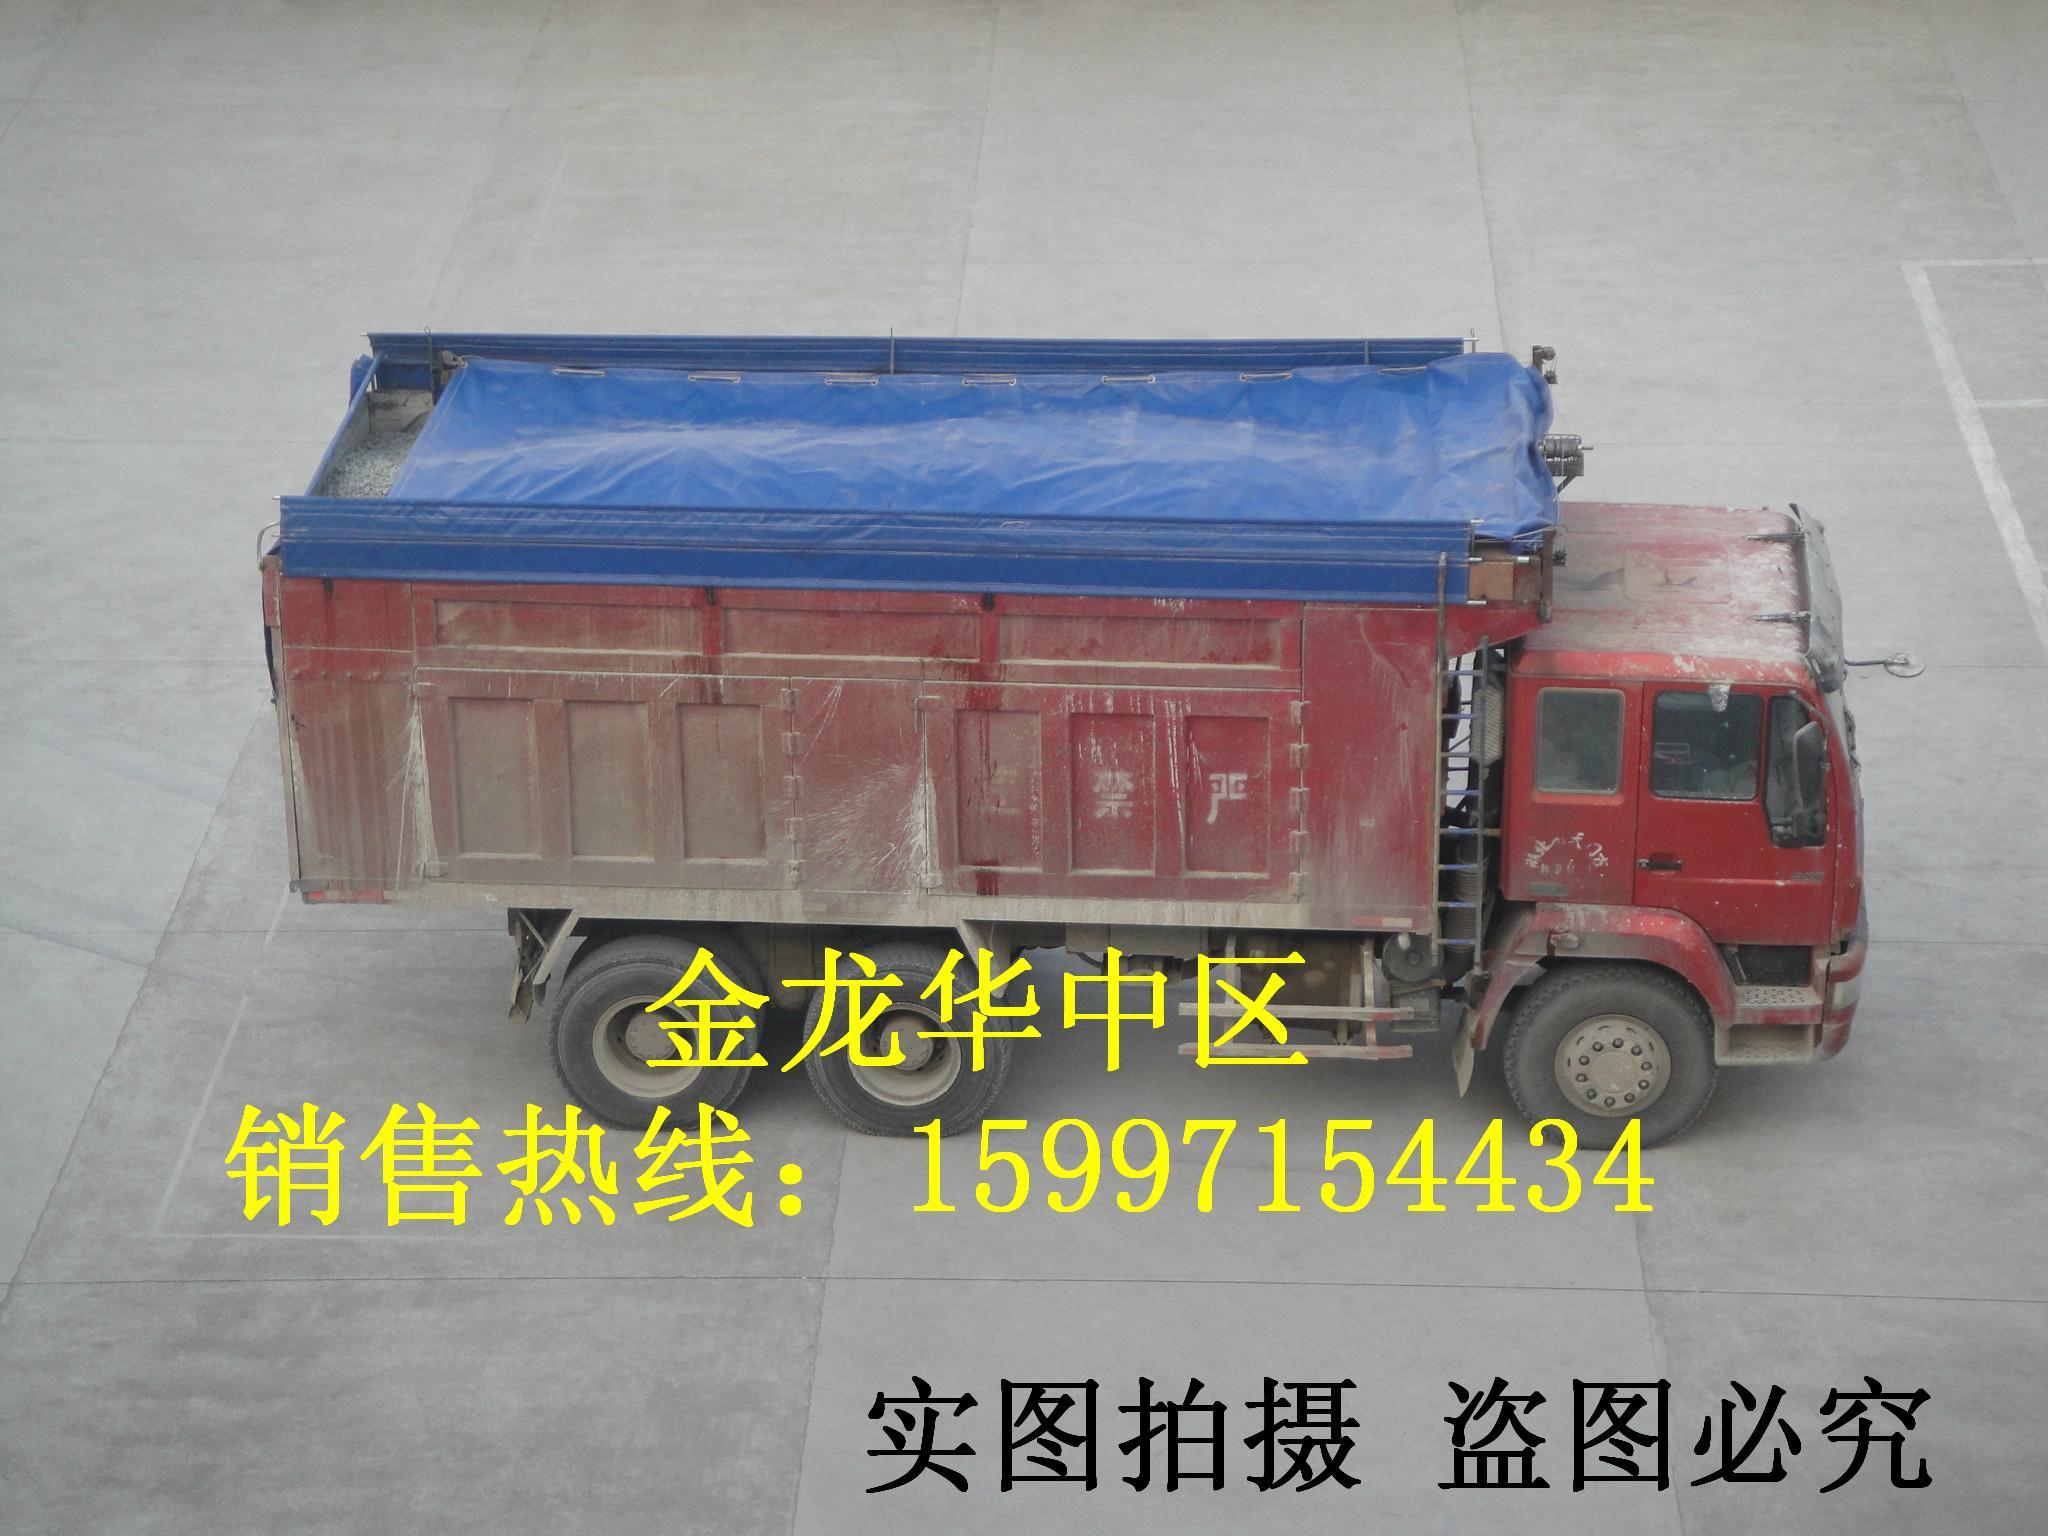 貨車車廂頂布 2